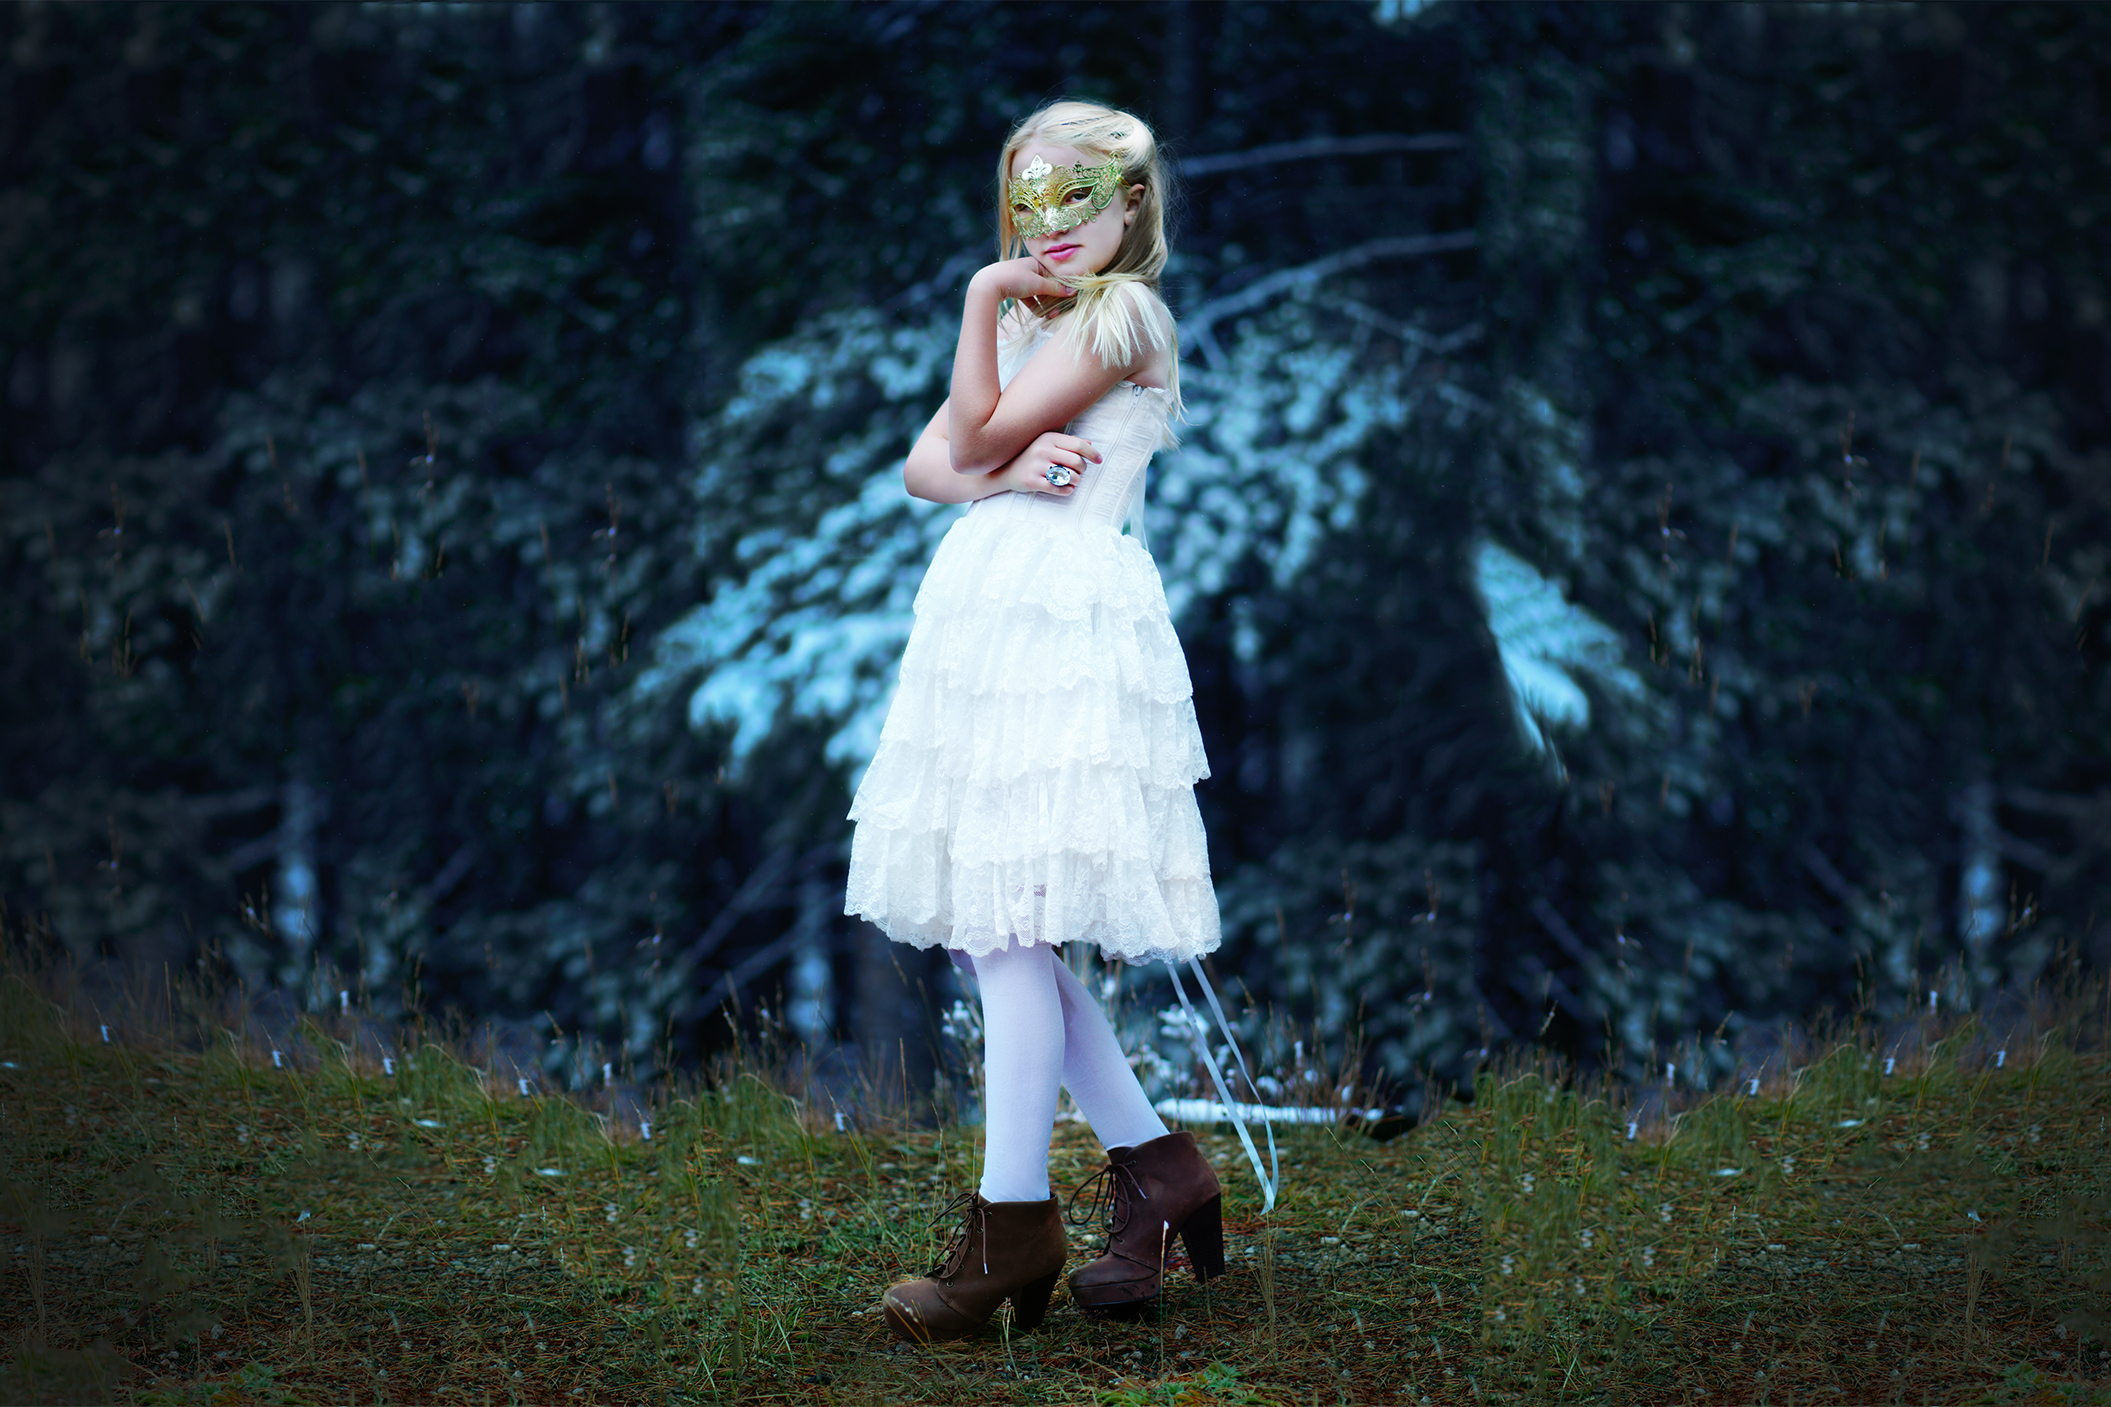 LUXphotostudiocolorado.jpg